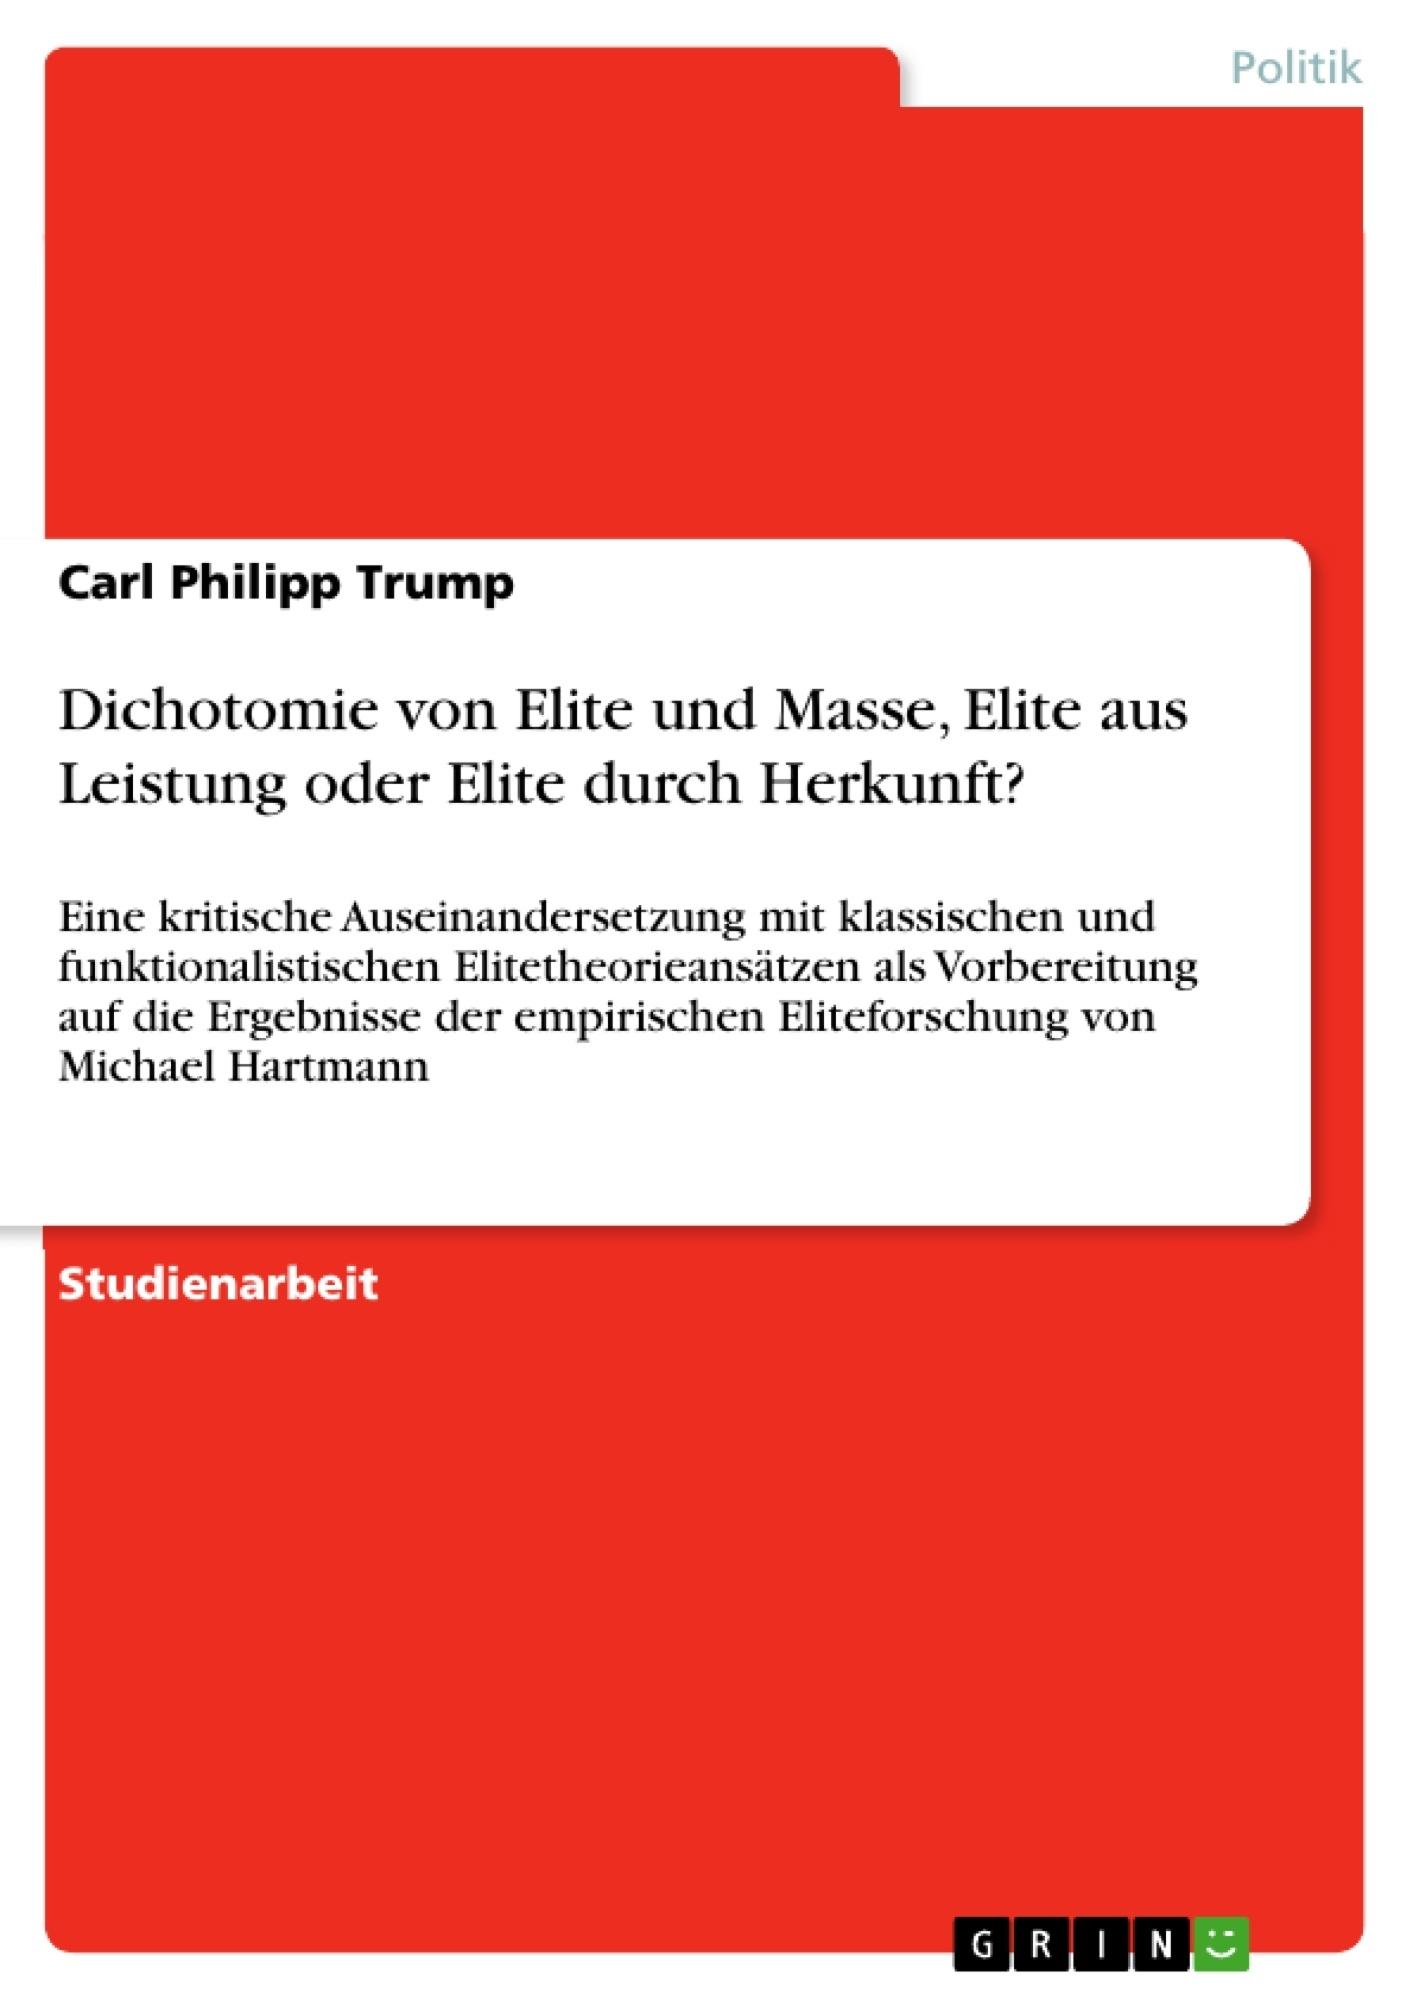 Titel: Dichotomie von Elite und Masse, Elite aus Leistung oder Elite durch Herkunft?